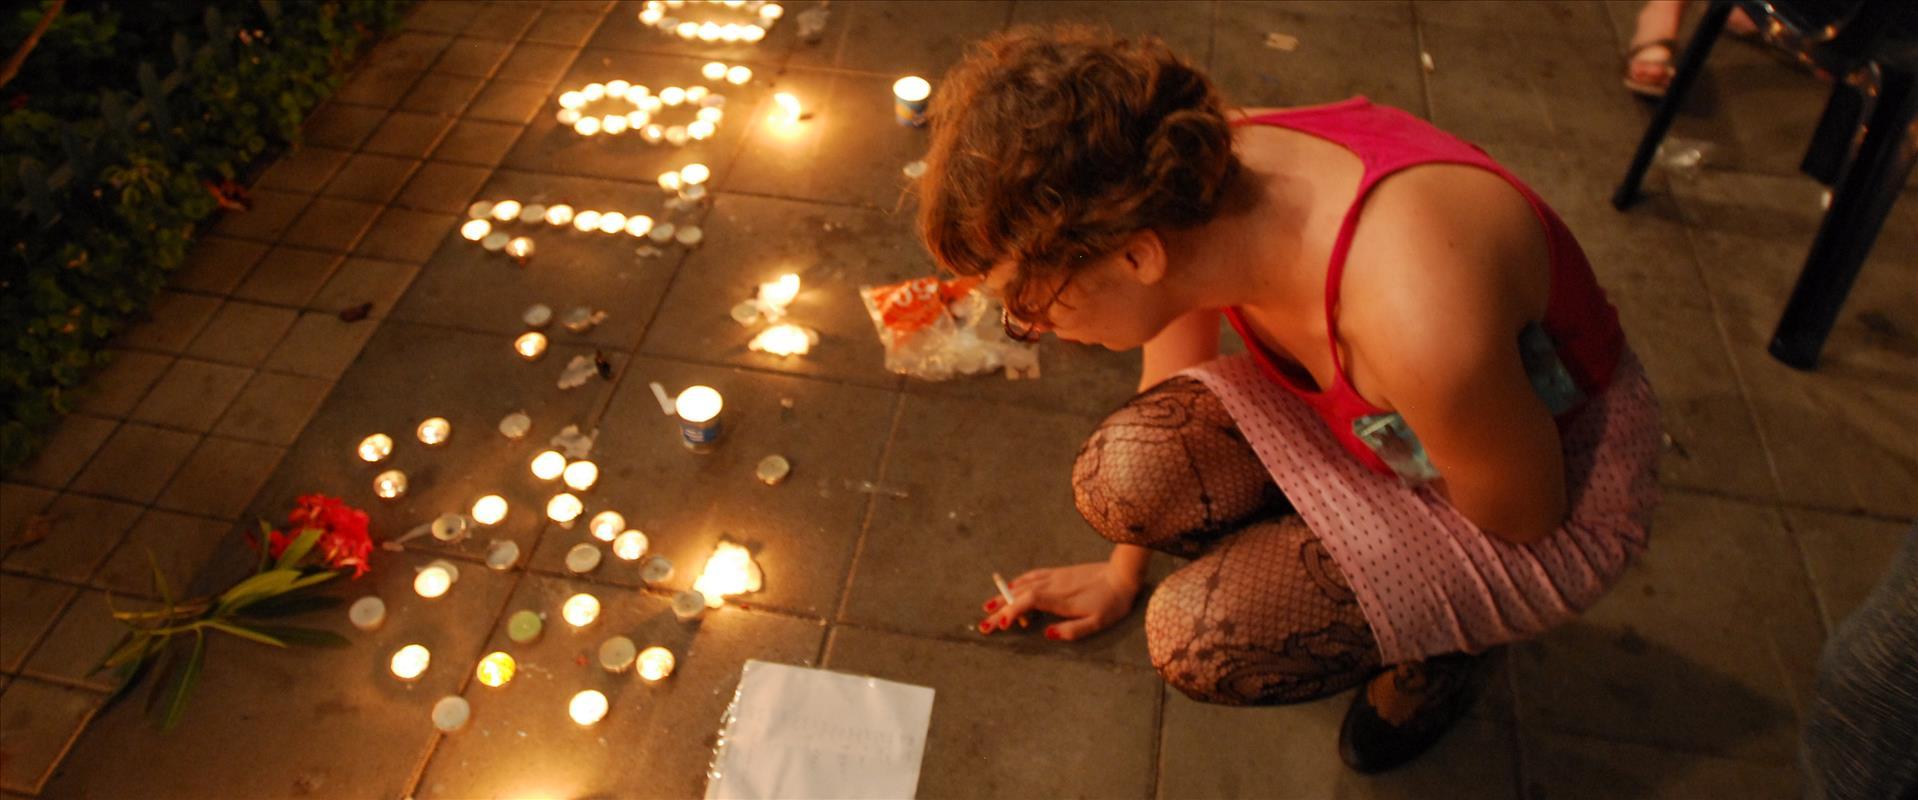 עצרת זיכרון לרצח בברנוער